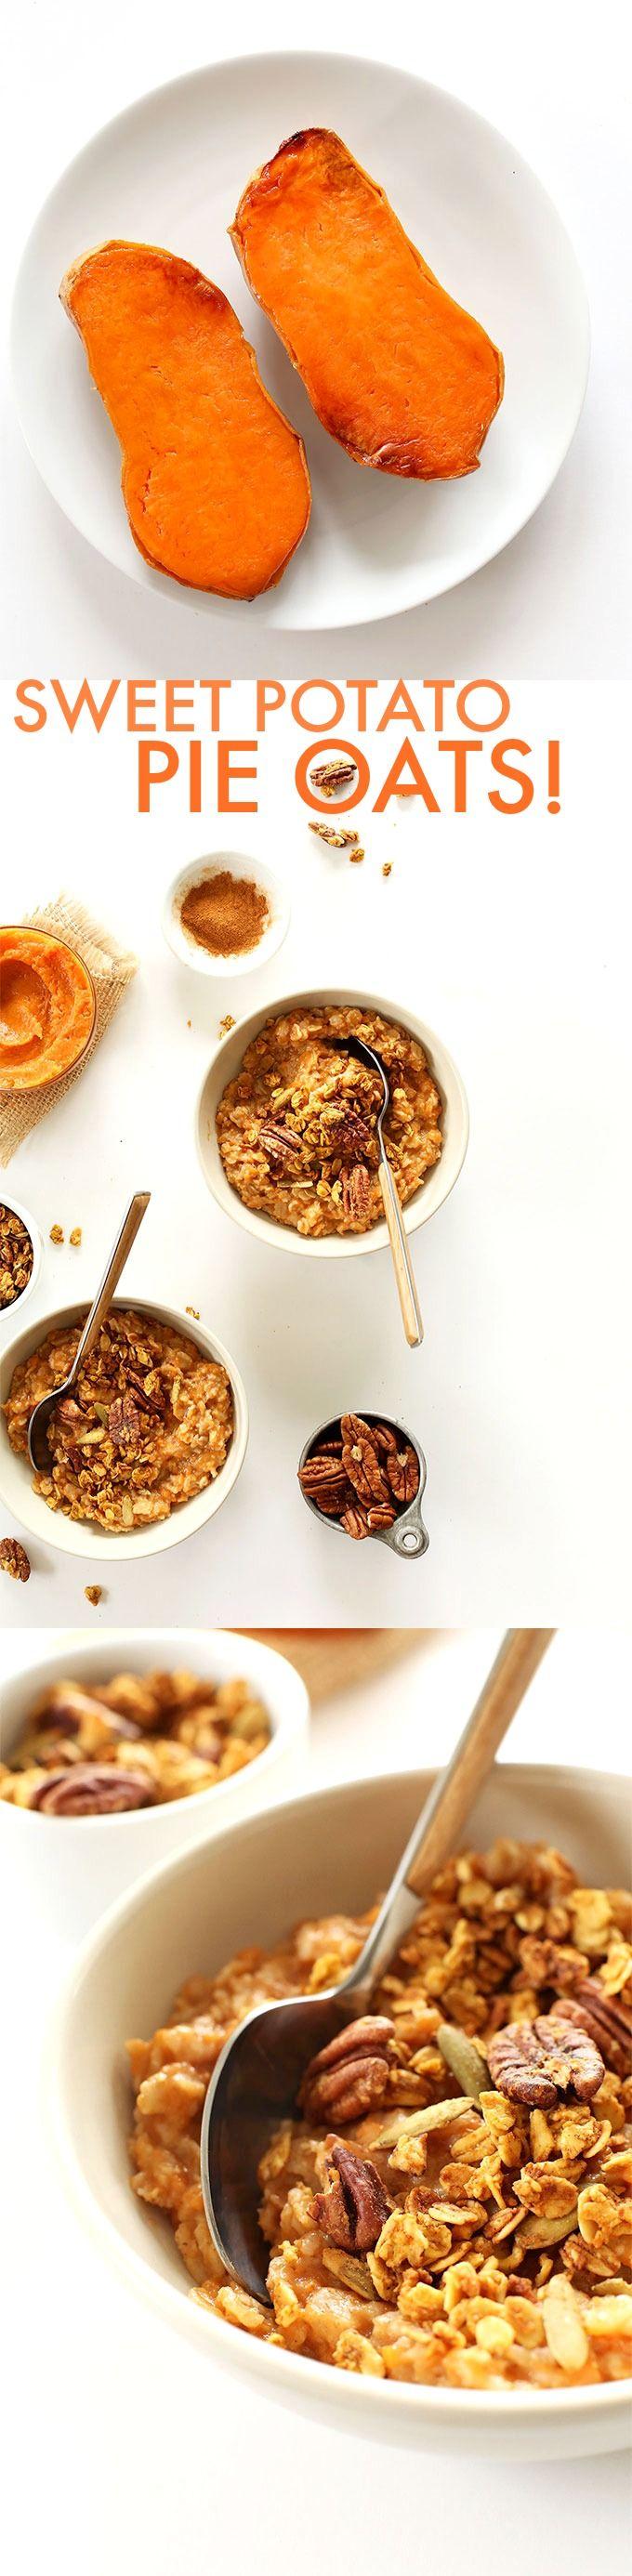 7 INGREDIENT Creamy, healthy sweet potato PIE Oats! The perfect fall breakfast #vegan #glutenfree